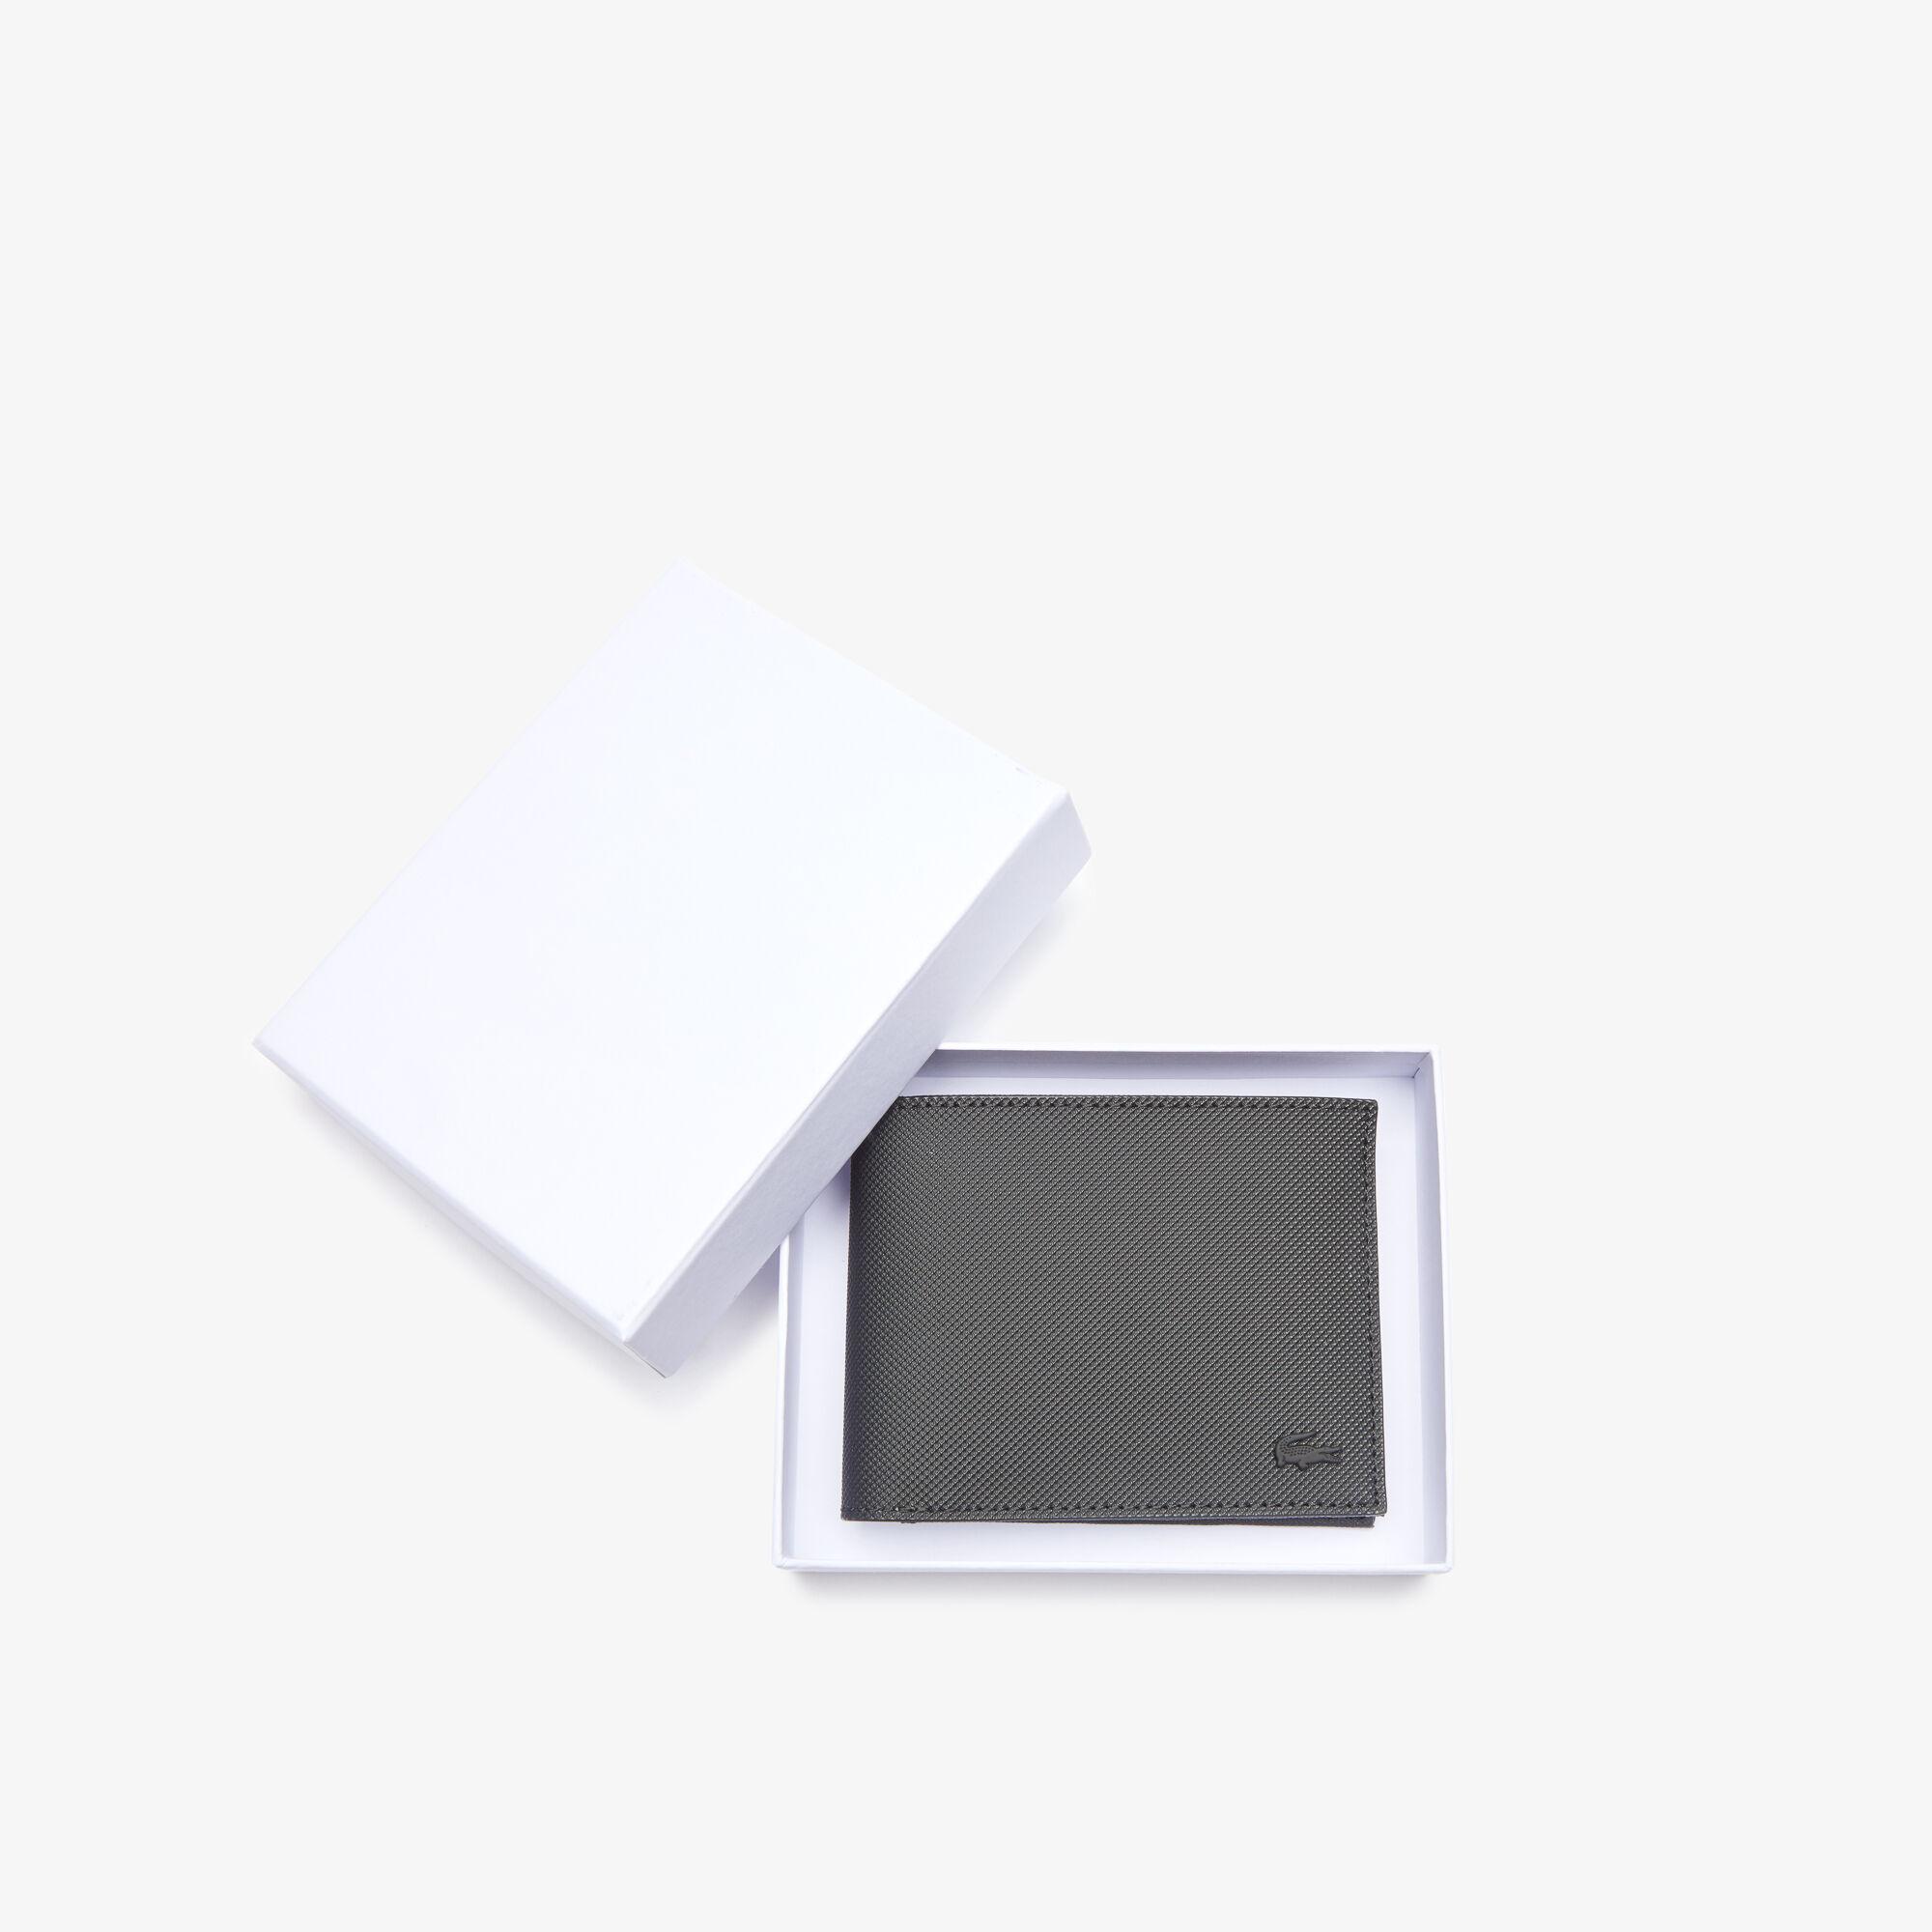 محفظة بطاقات مع ست فتحات من البيتي بيكيه مجموعة Classic للرجال